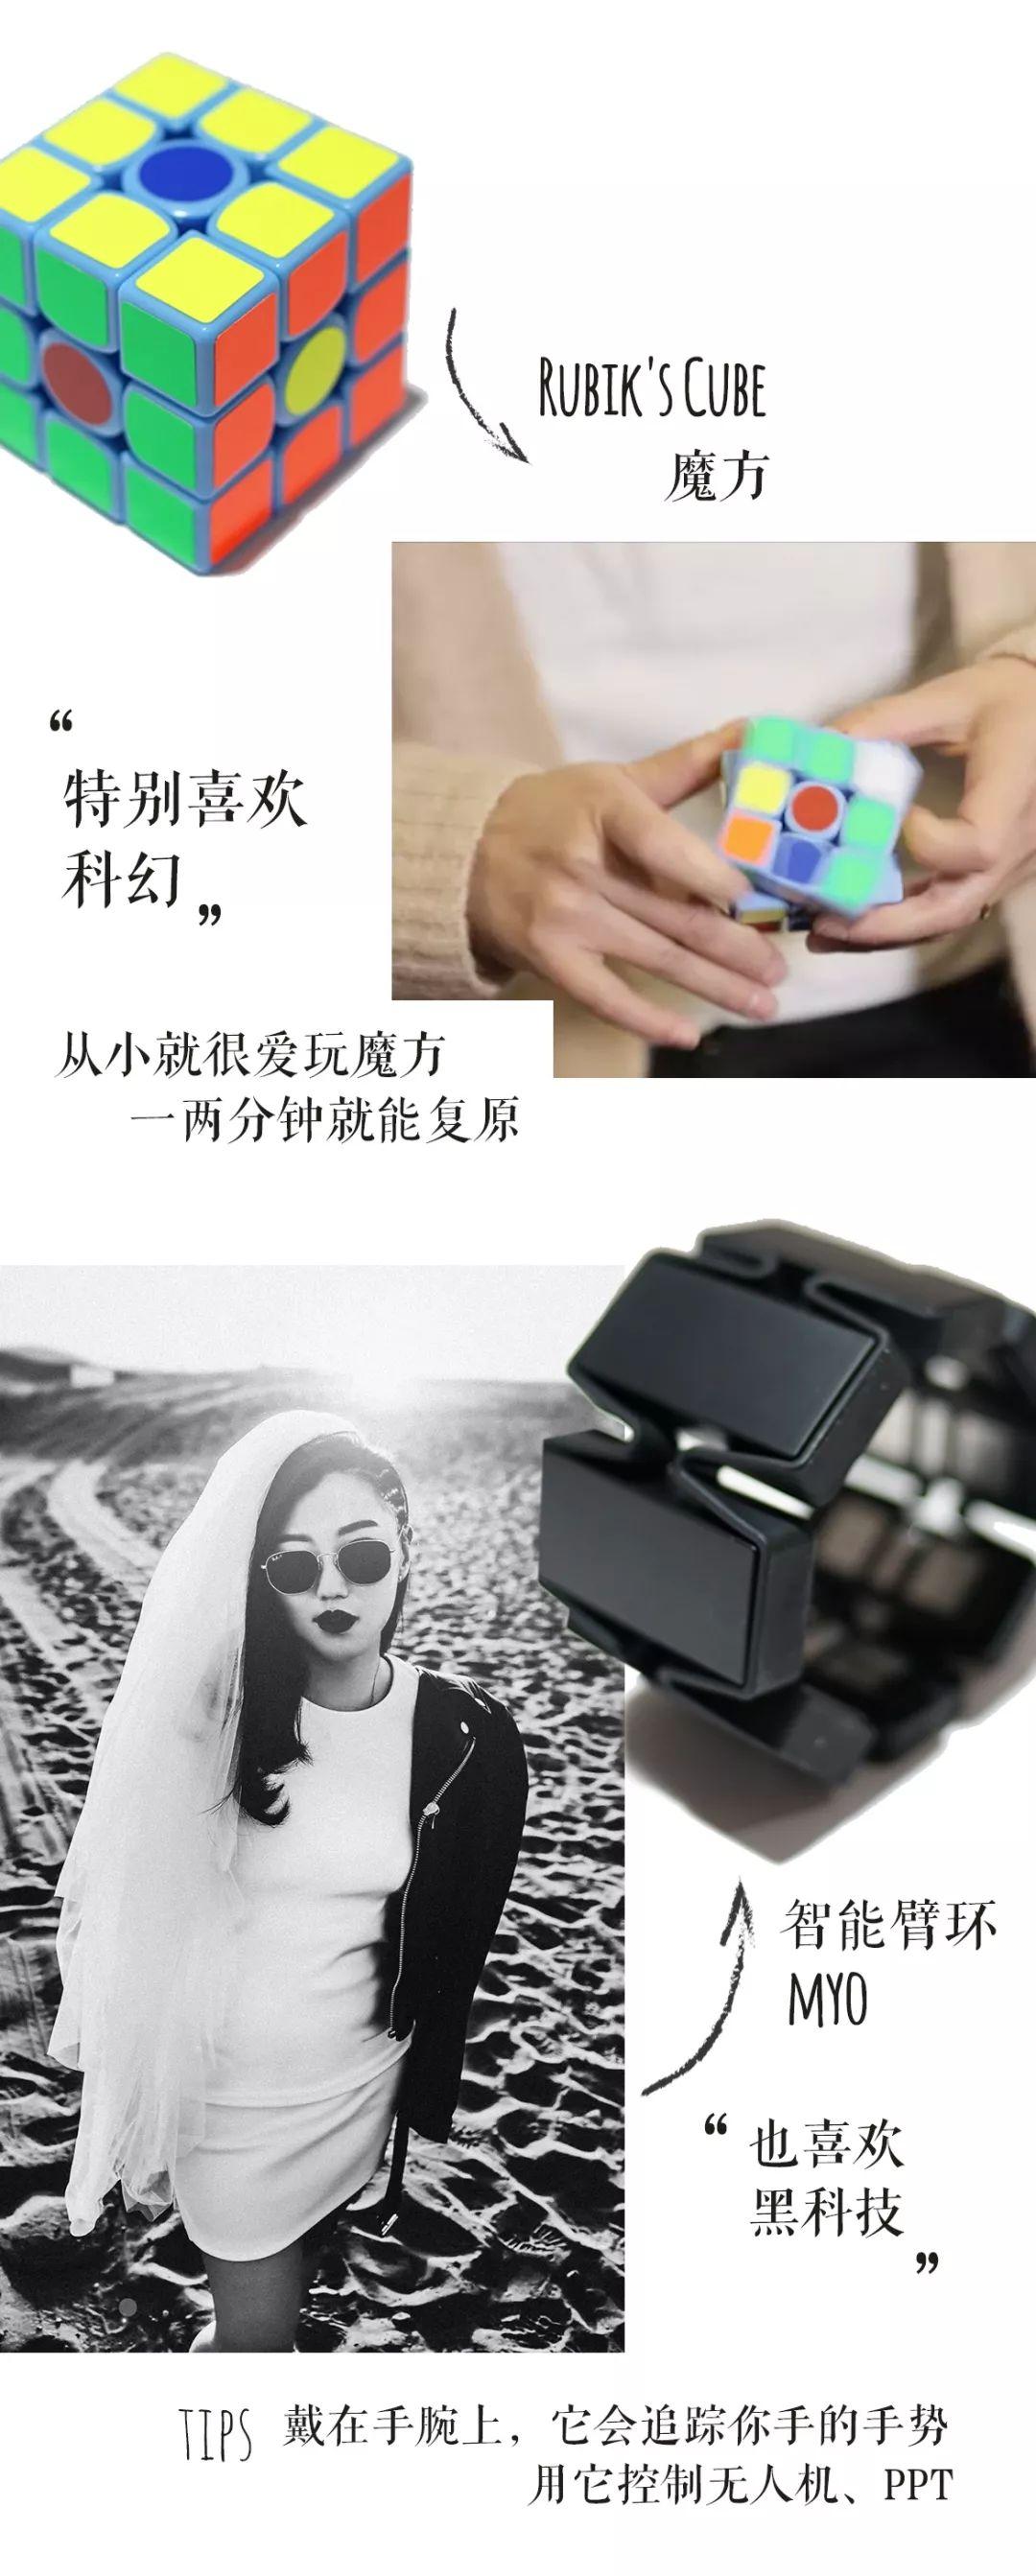 【少女】她是上海持证街头艺人,把自己的婚礼都办成了一场演唱会!